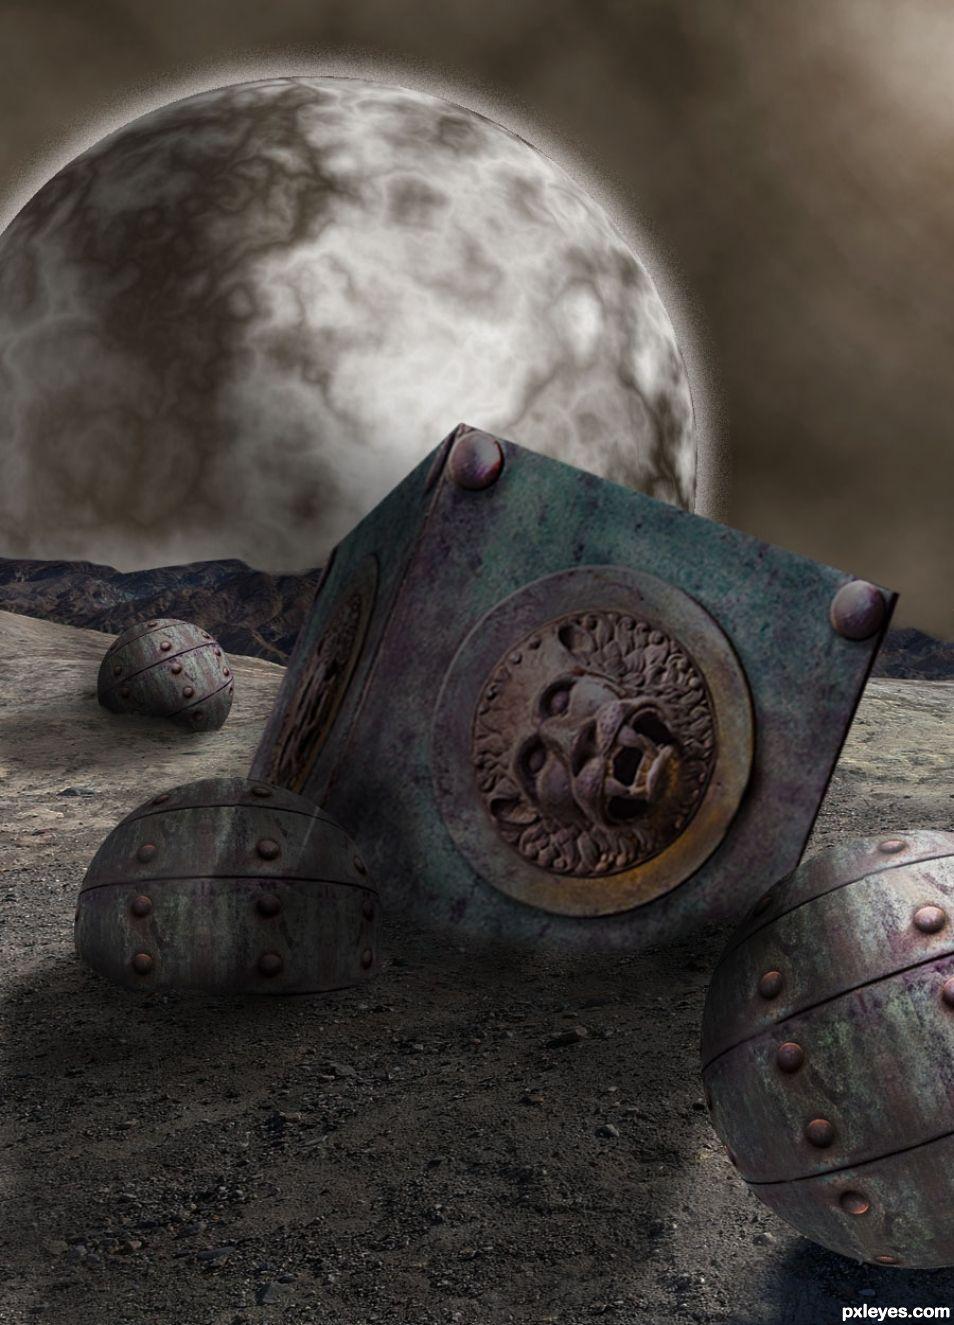 ANTARIUS 2067